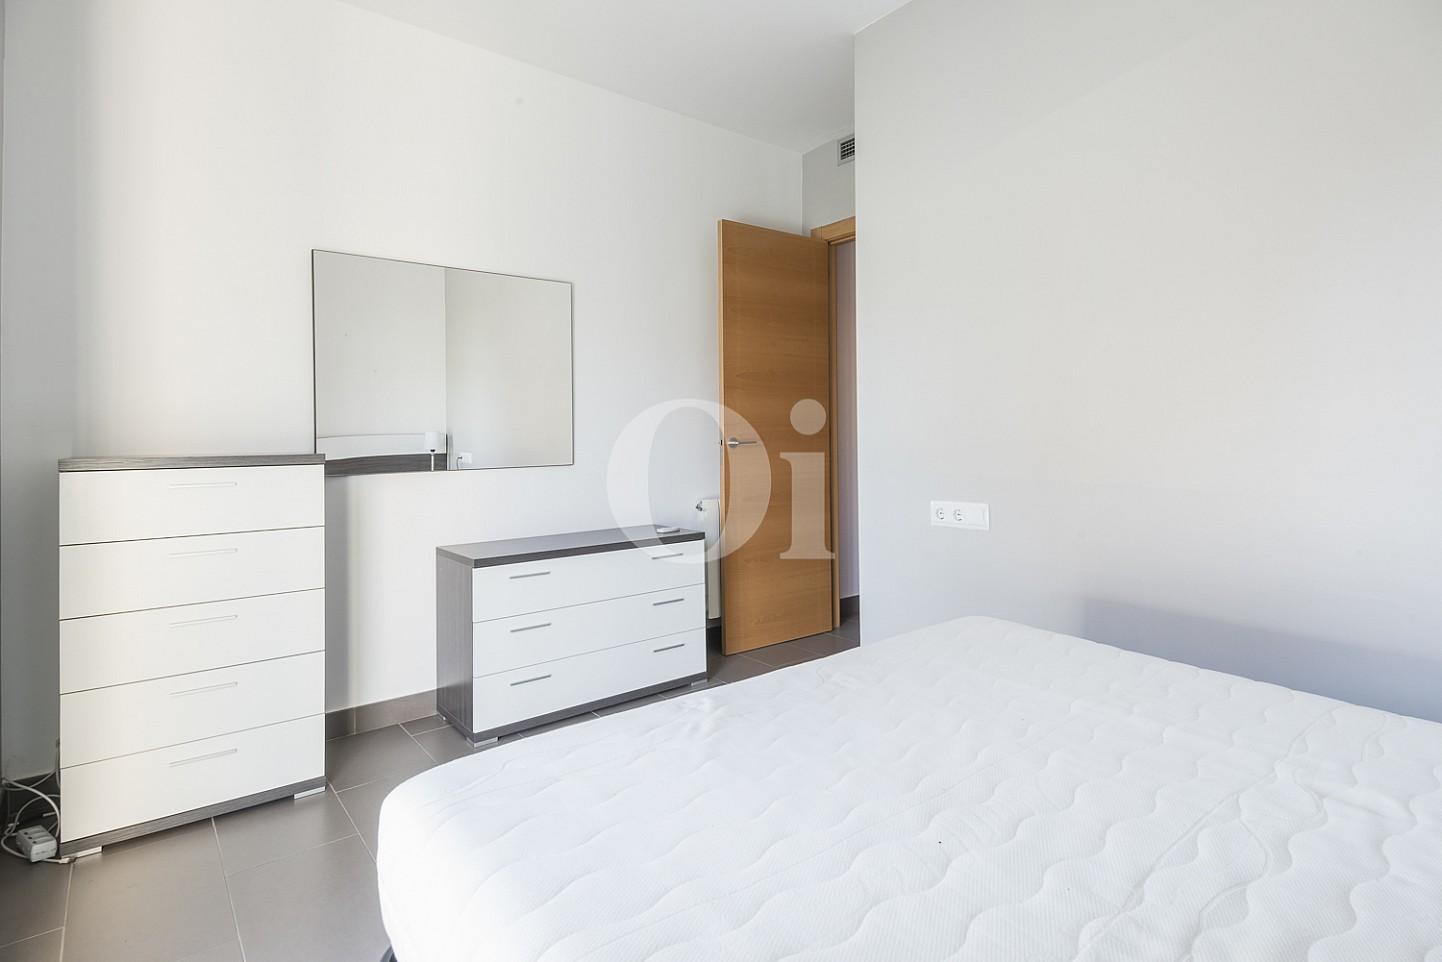 Dormitori ampli